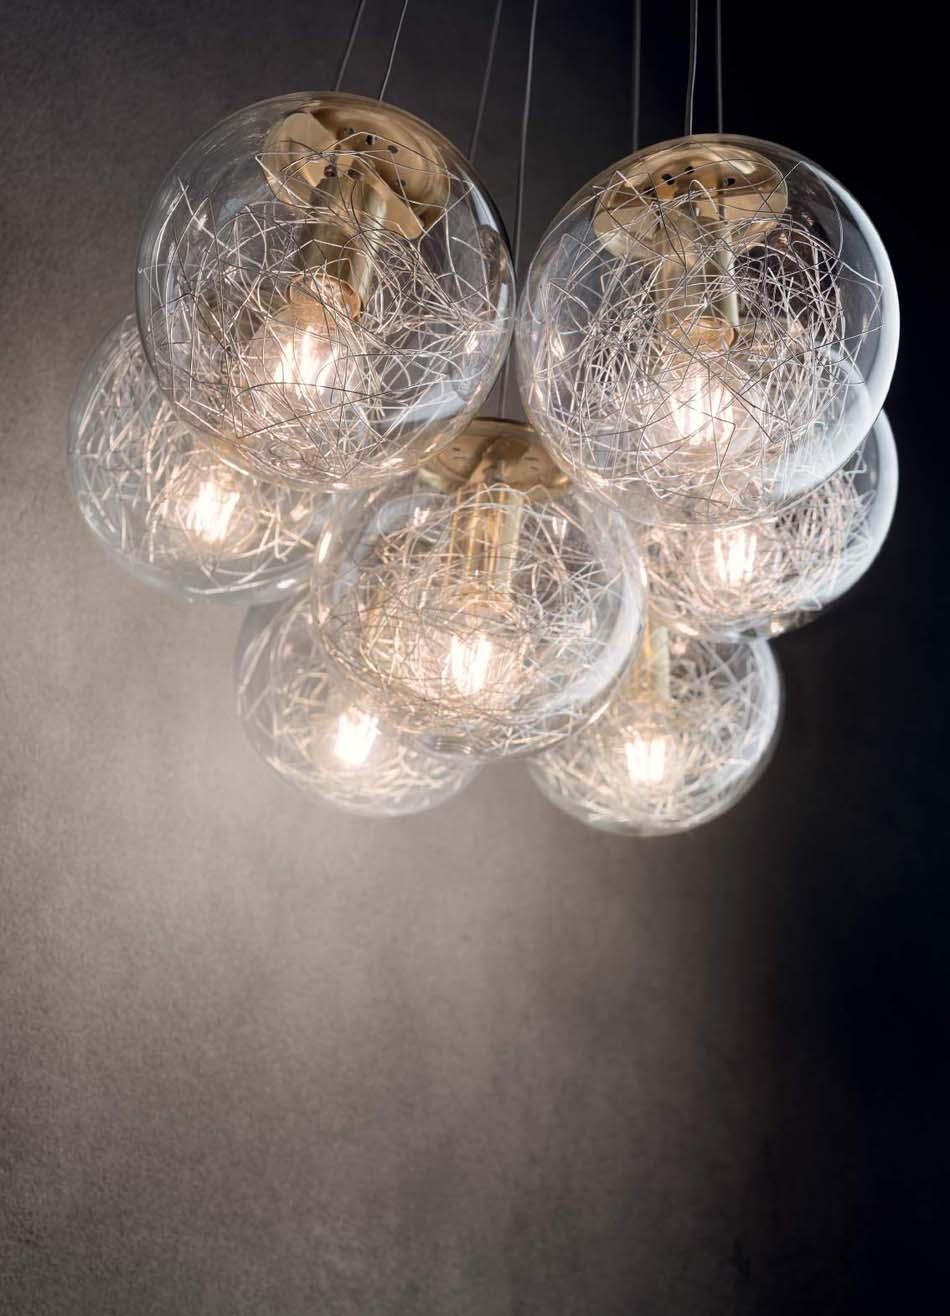 Lampade sospensione Ideal Lux mapa sat – Bruni Arredamenti